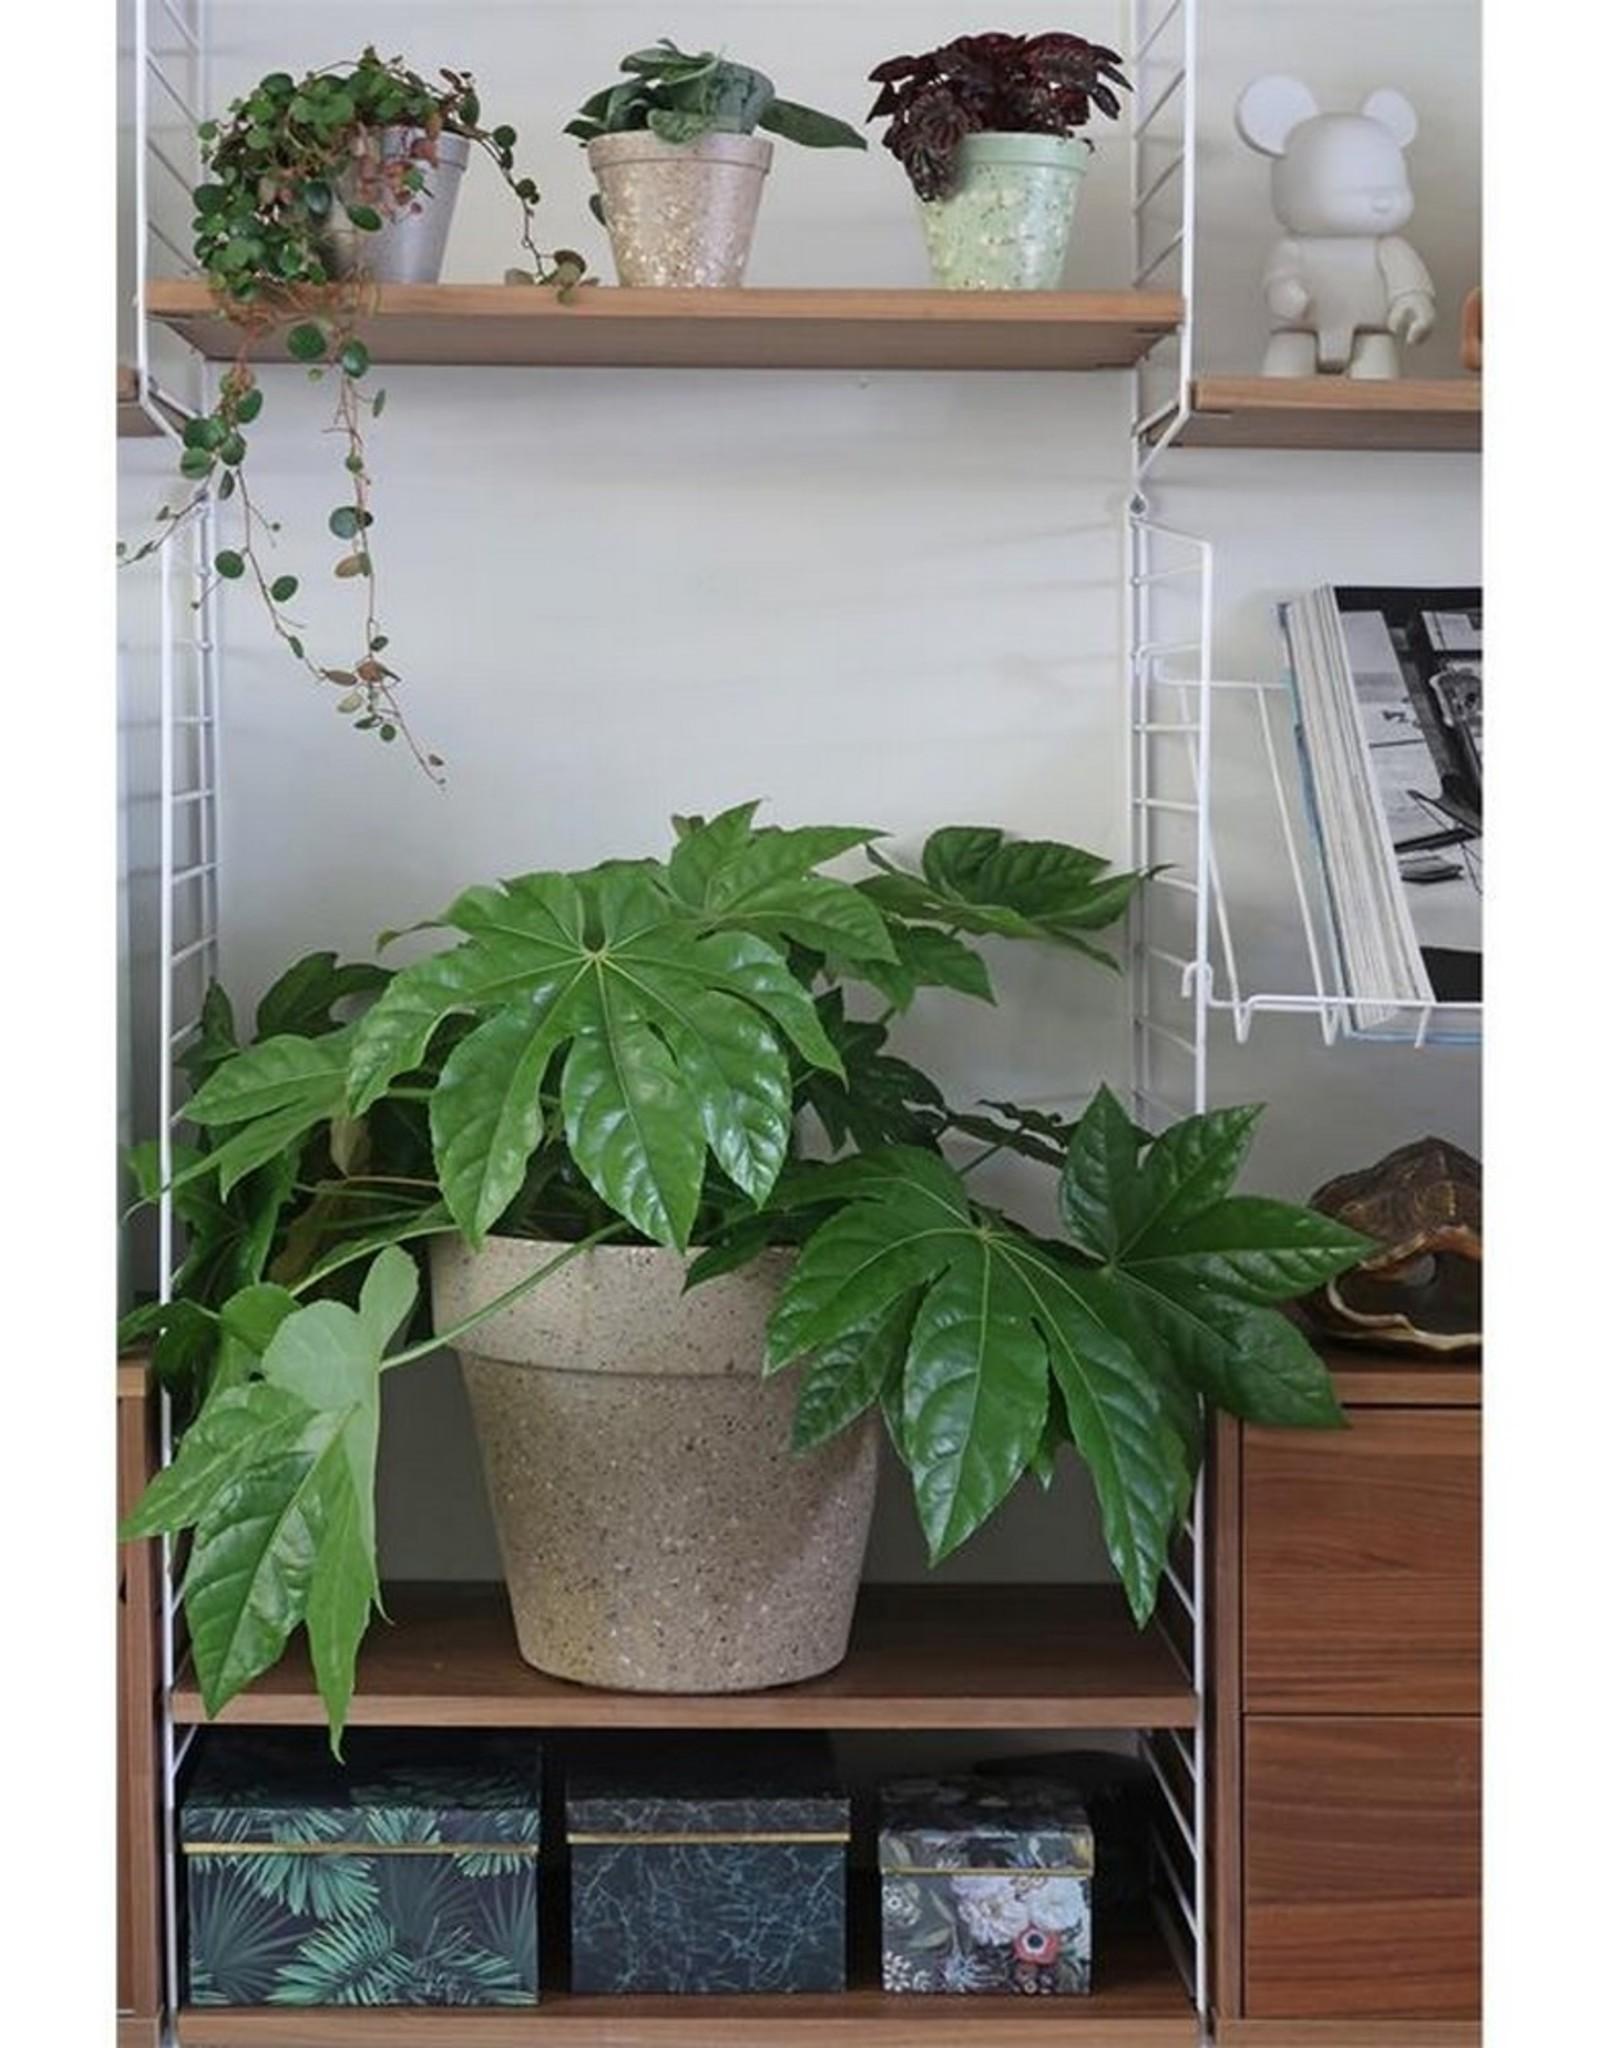 Zuperzozial Plantenpot Jungle Fever XL Beige